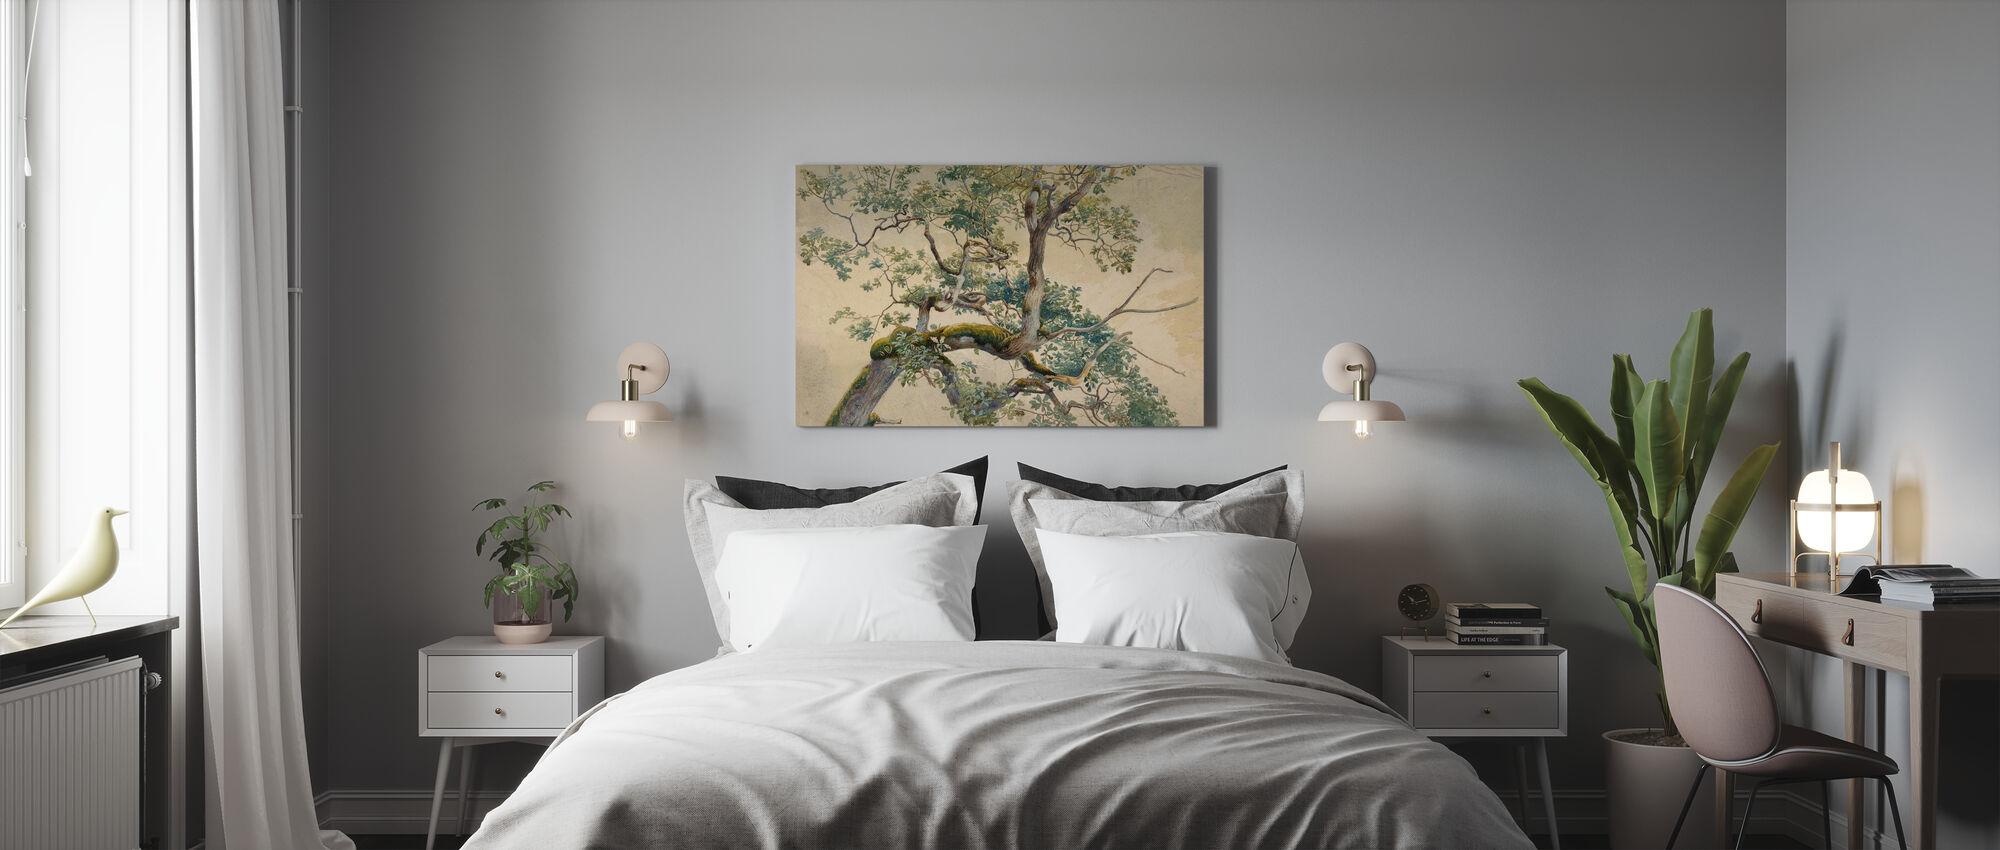 Baumzweig Kunst - Charles Reginald Aston - Leinwandbild - Schlafzimmer